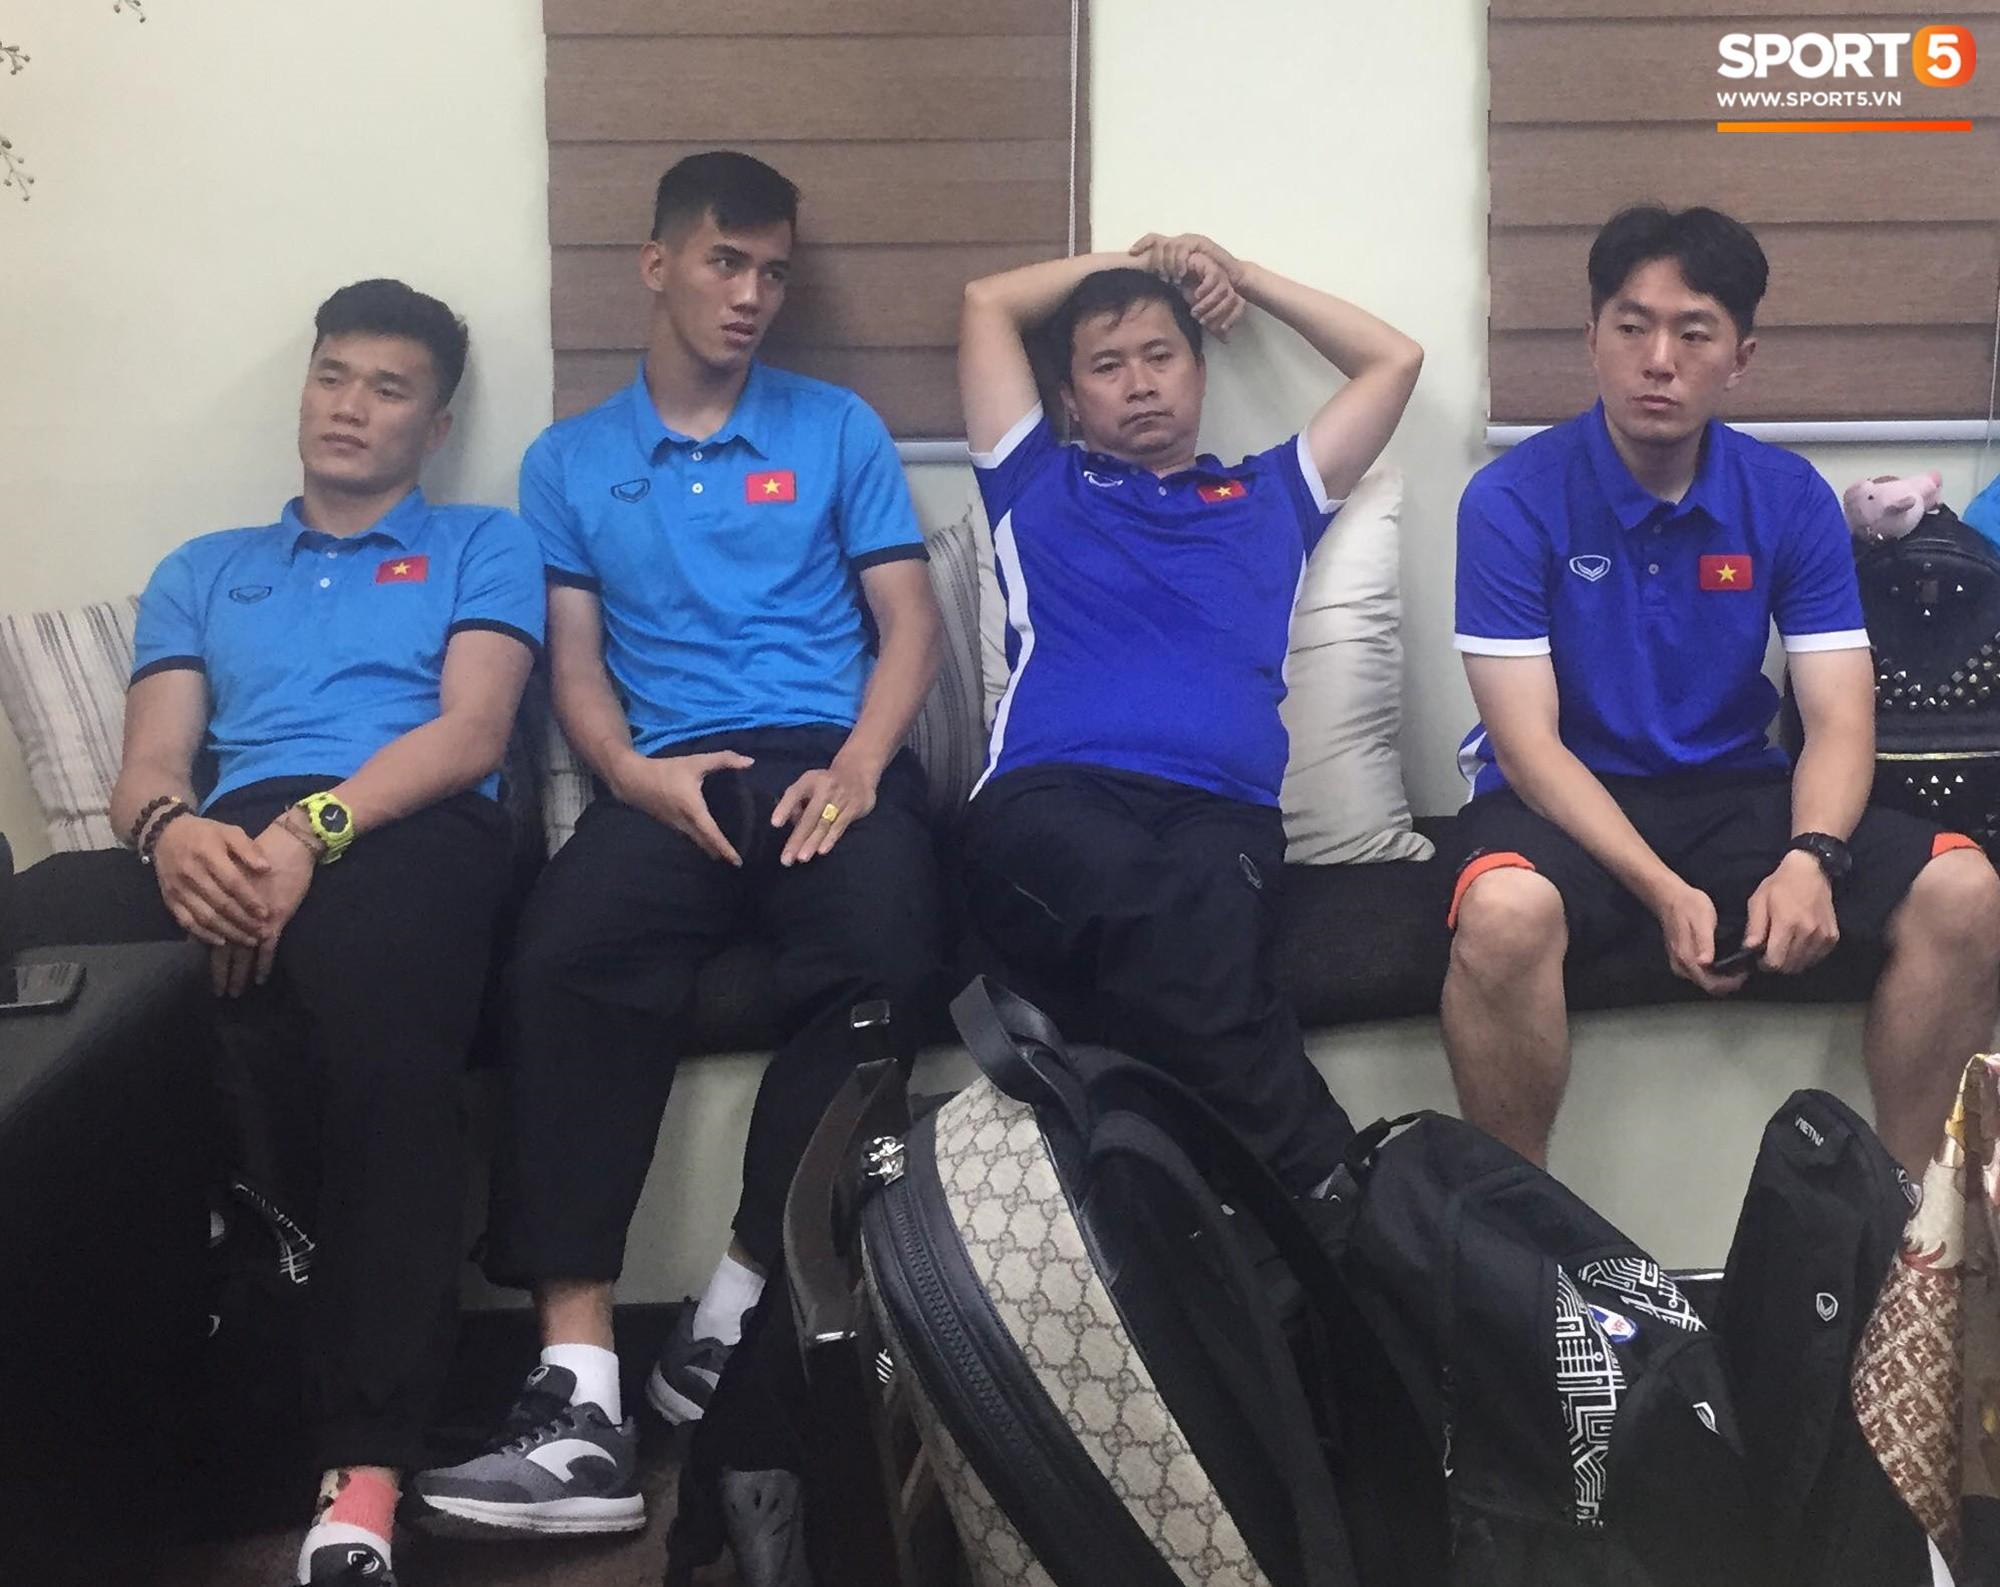 Bùi Tiến Dũng và các đồng đội tỏ ra rất mệt mỏi do phải chờ đợi nhiều giờ ở sân bay Bacolod.